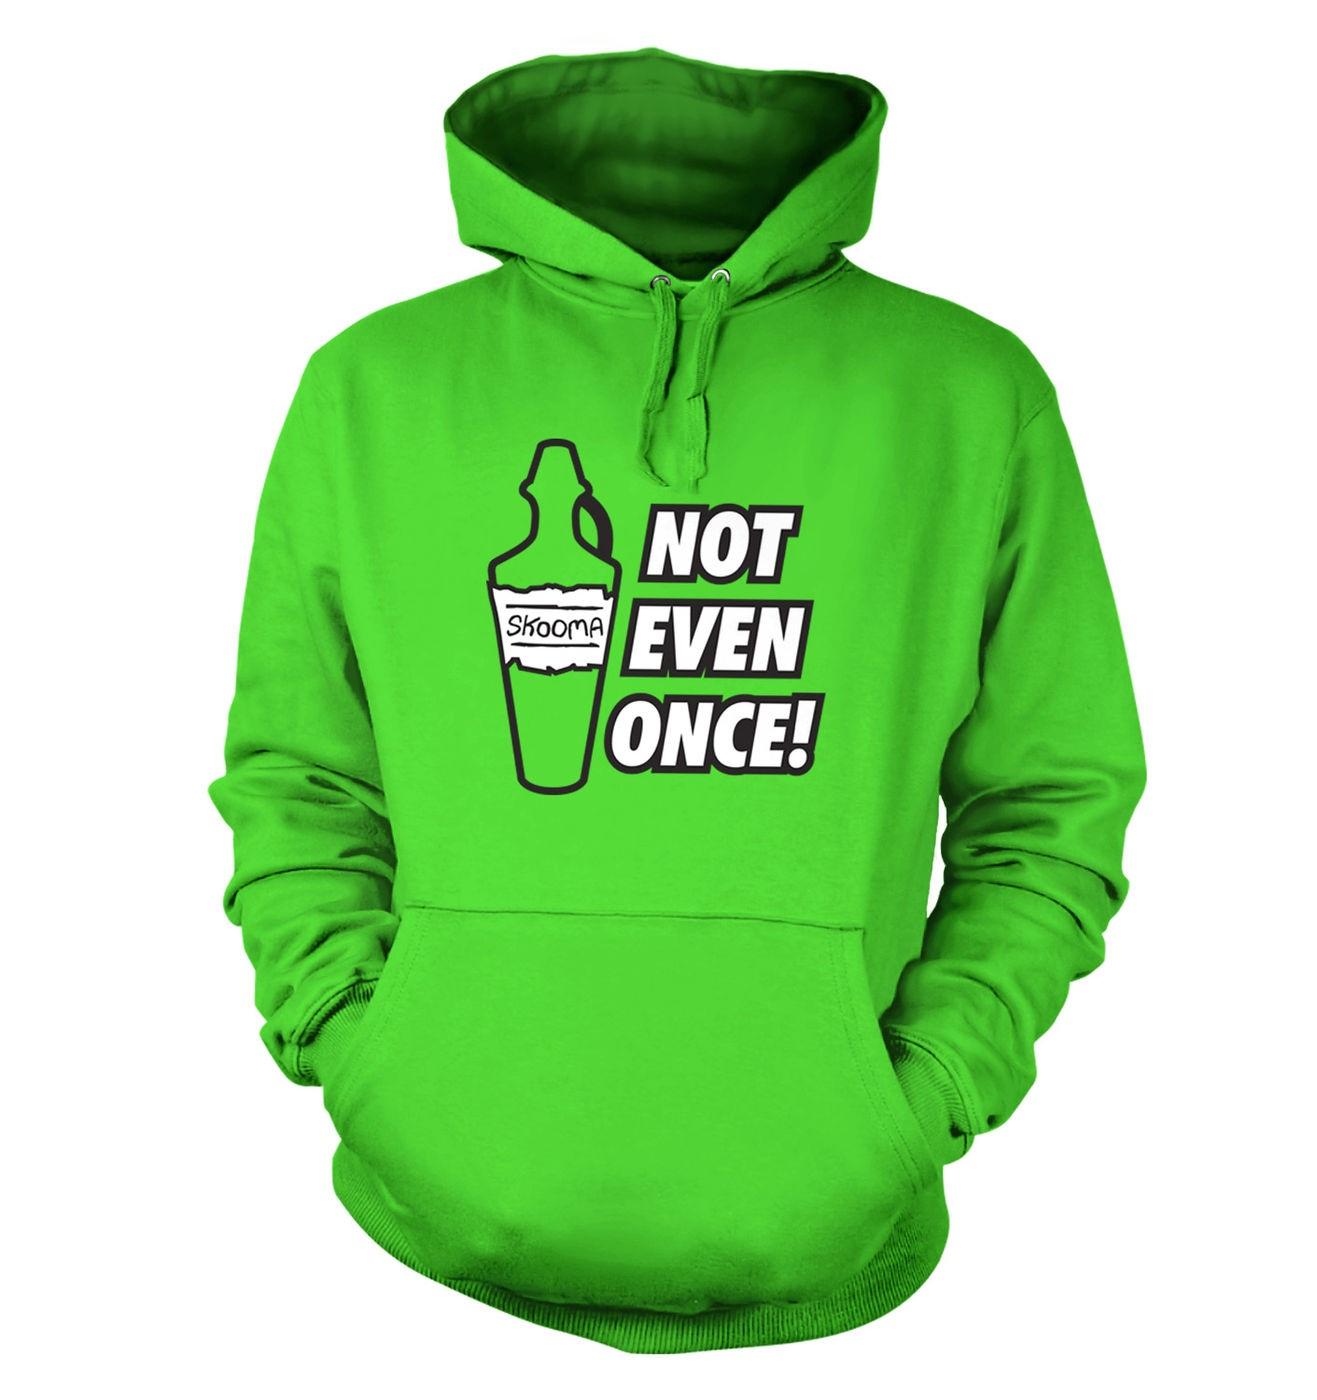 Skooma Not Even Once hoodie by Something Geeky